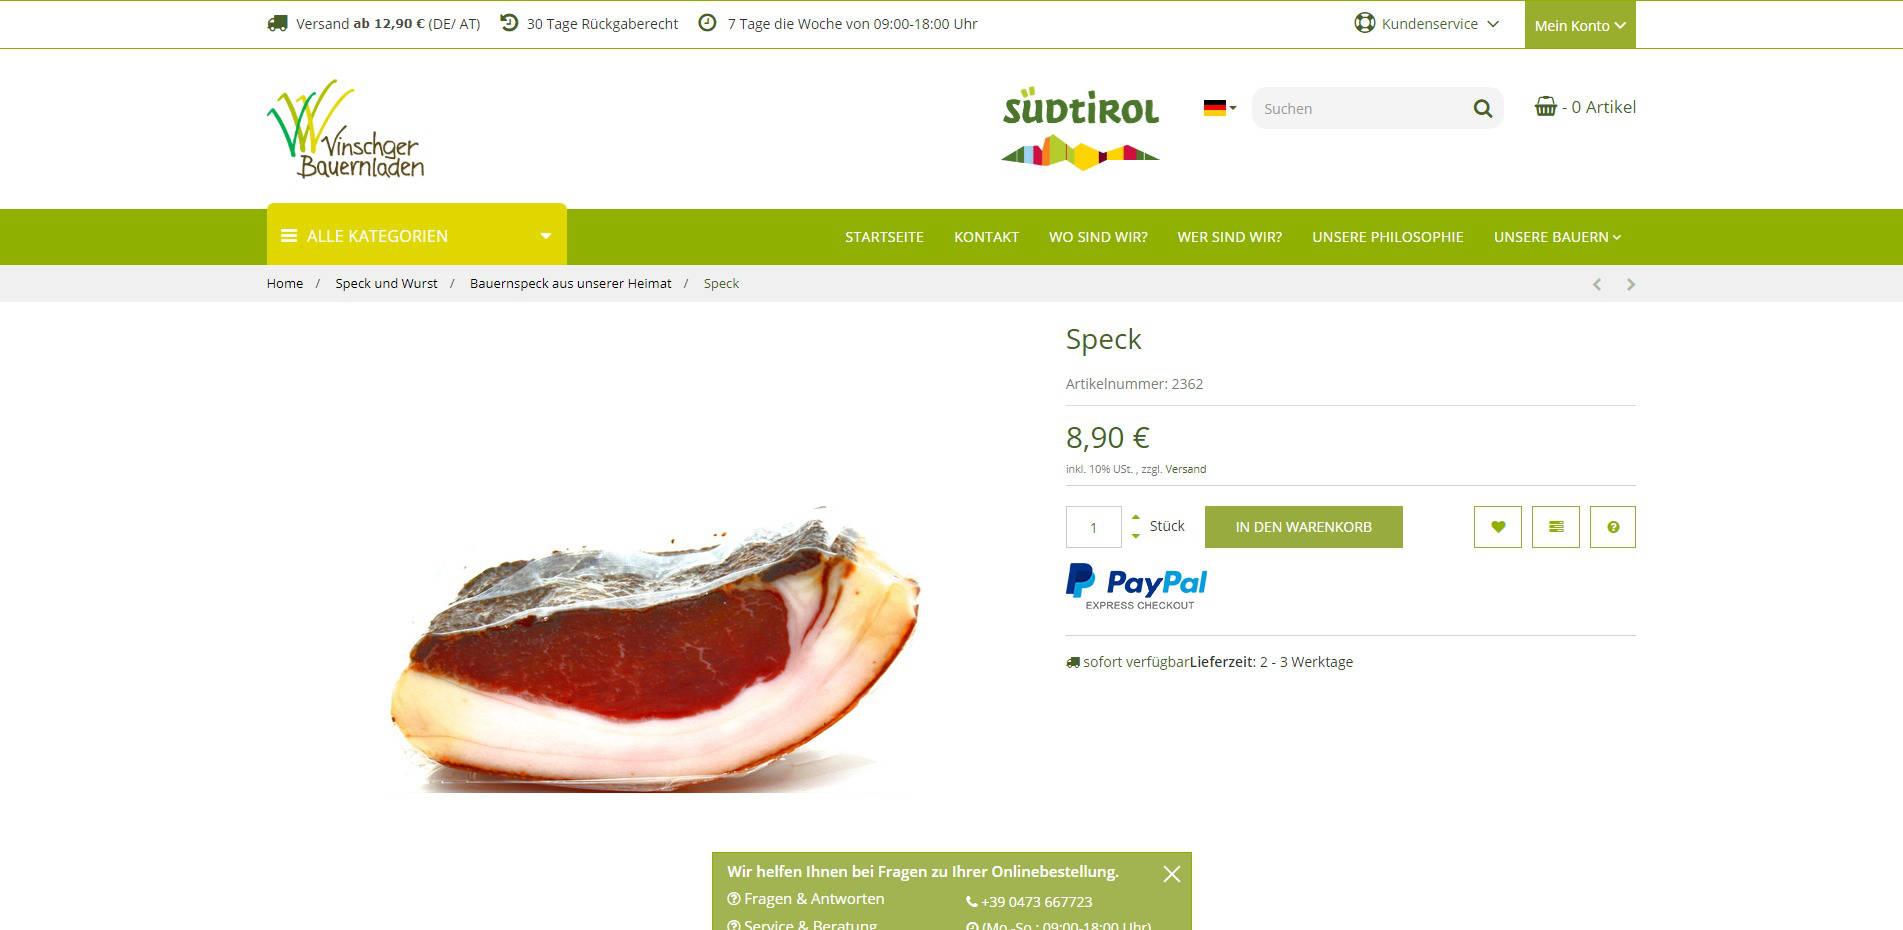 Vinschger Bauerladen Produktdetail